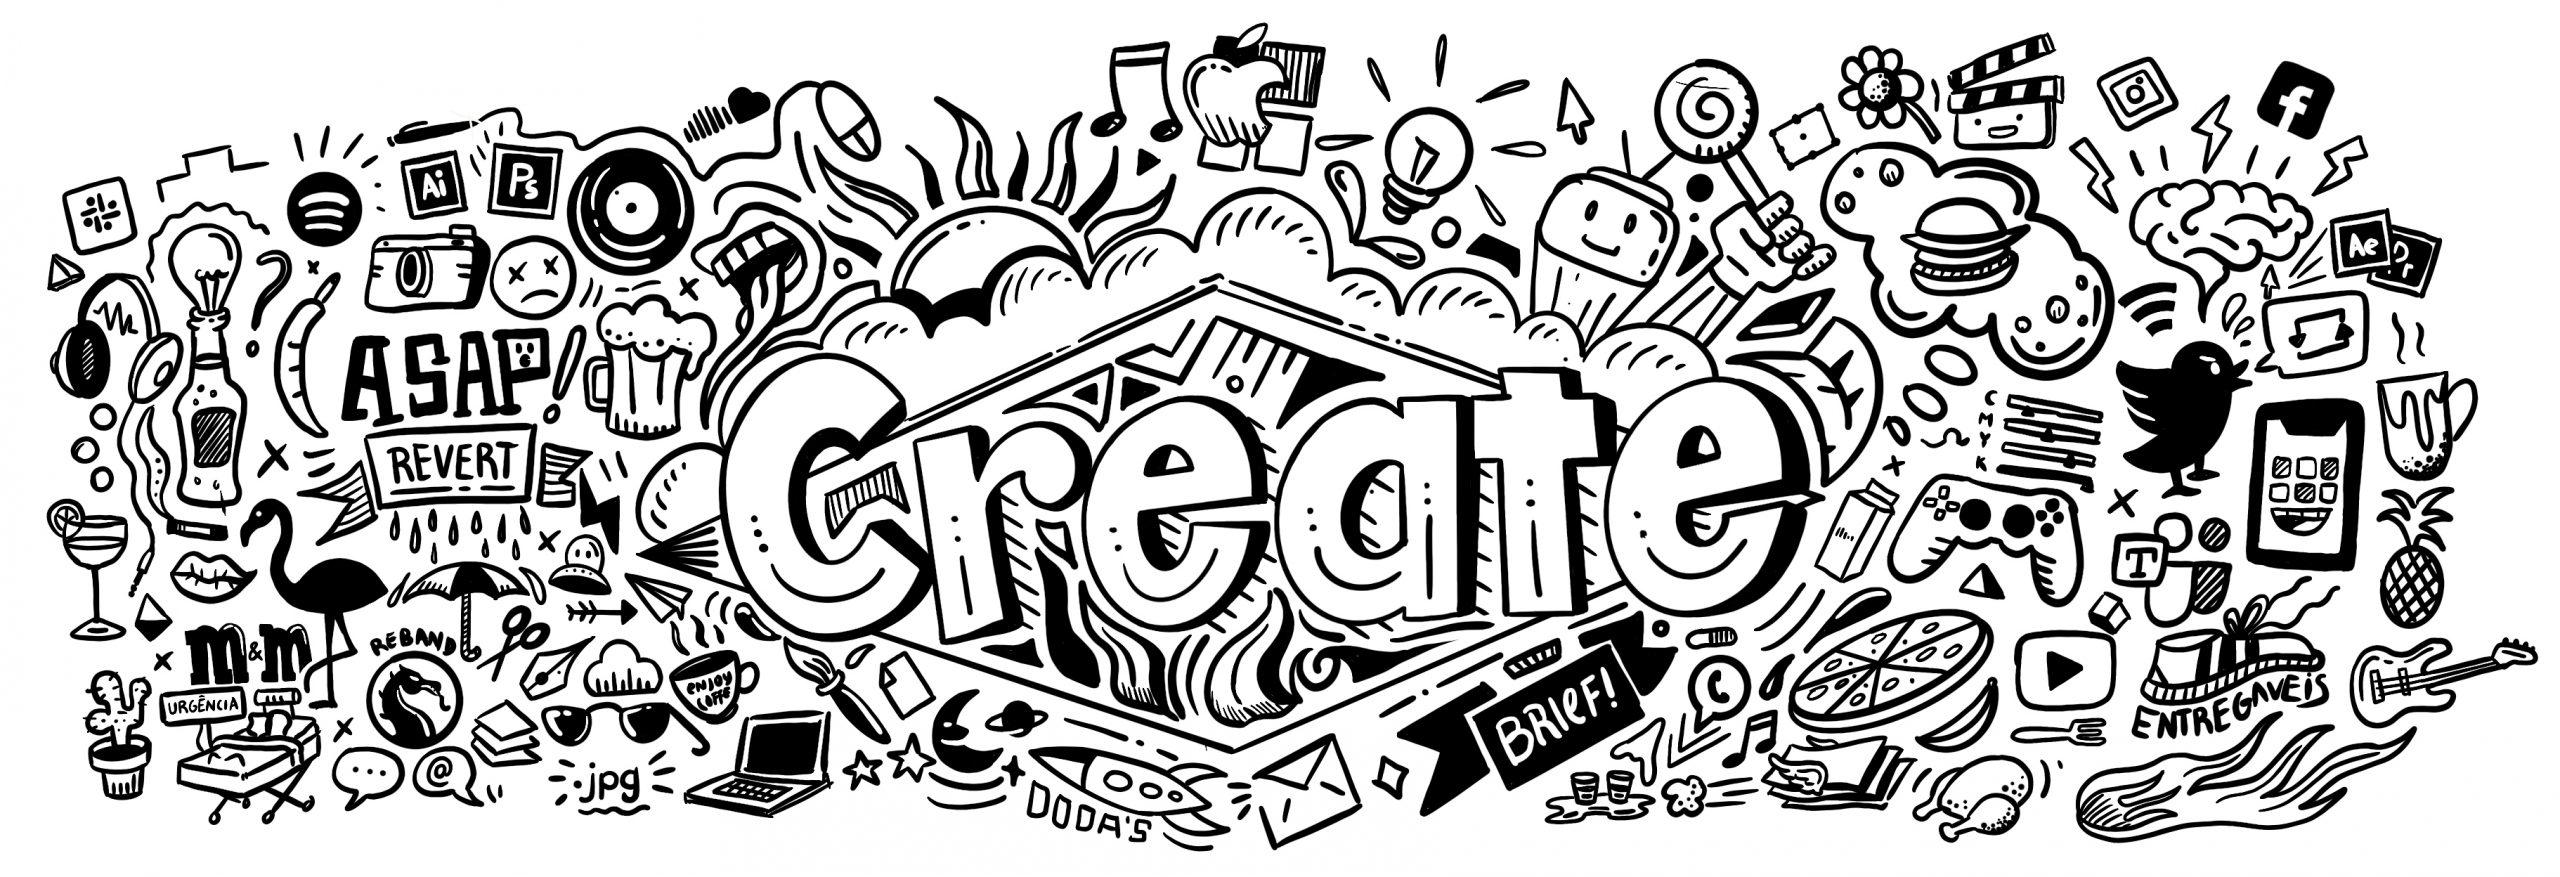 CREATE-artwork-2021-scaled.jpg